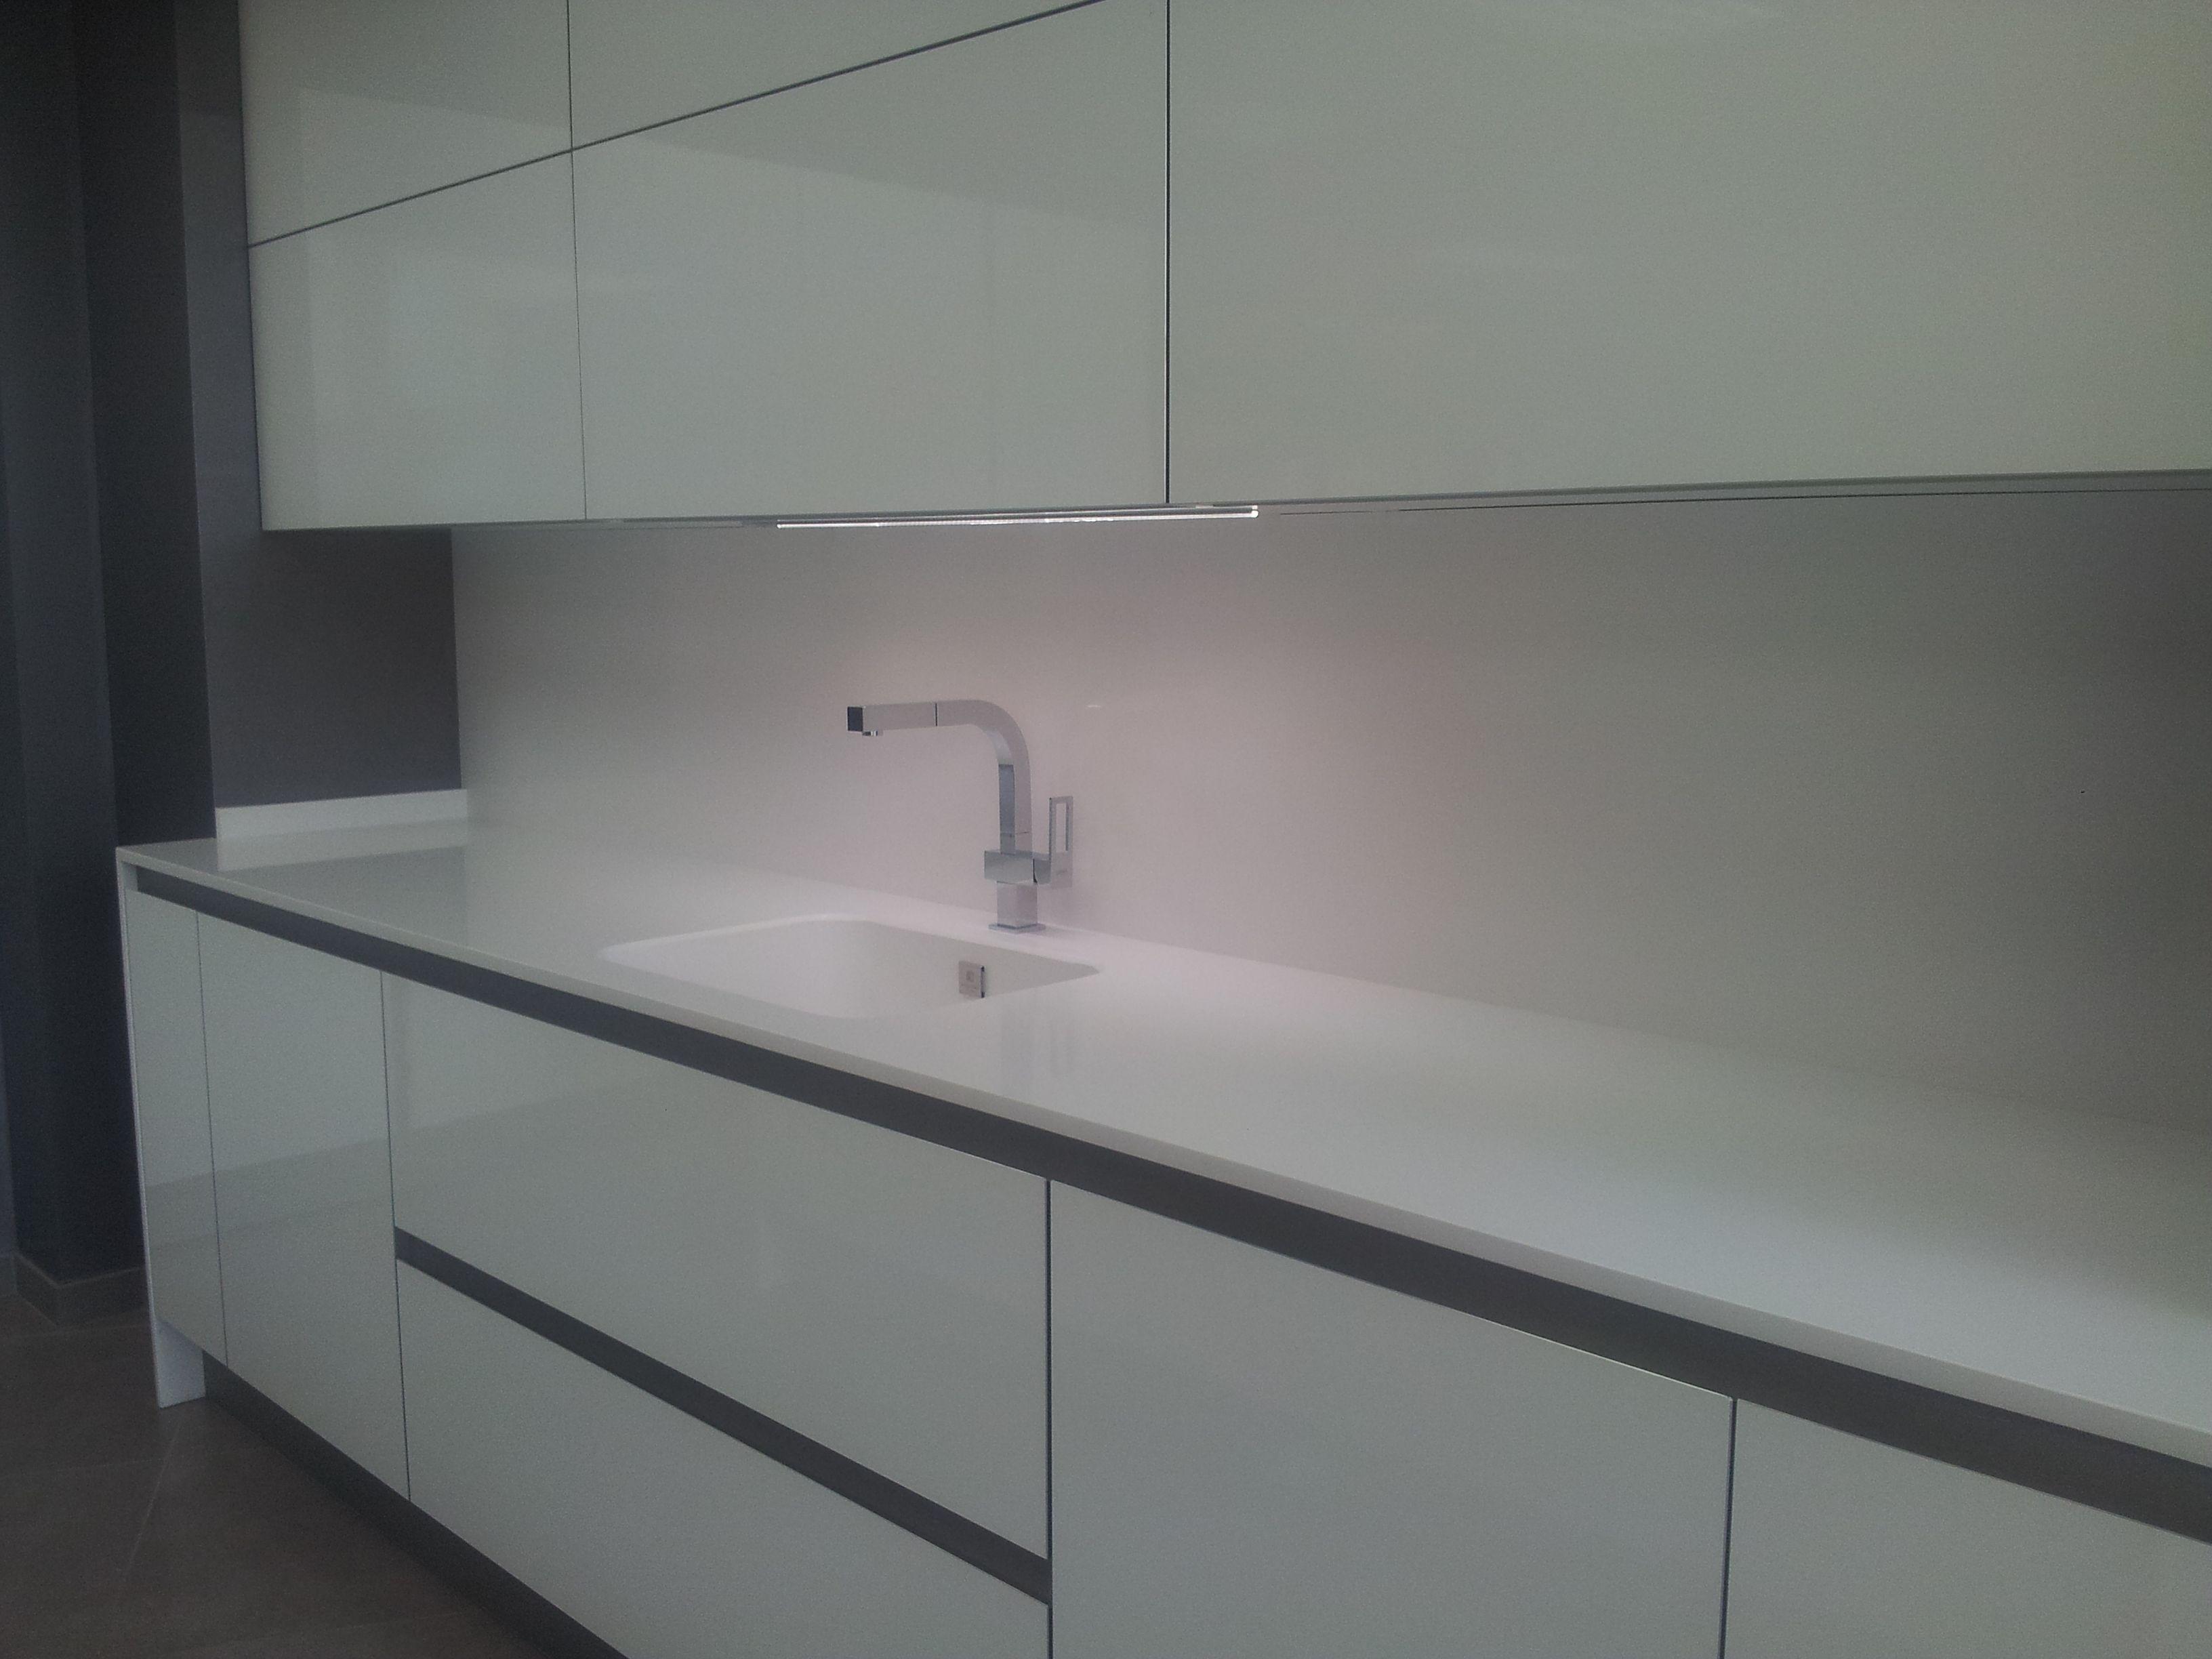 Encimera de cocina en silestone blanco zeus con fregadero for Cocina y lavadero integrados